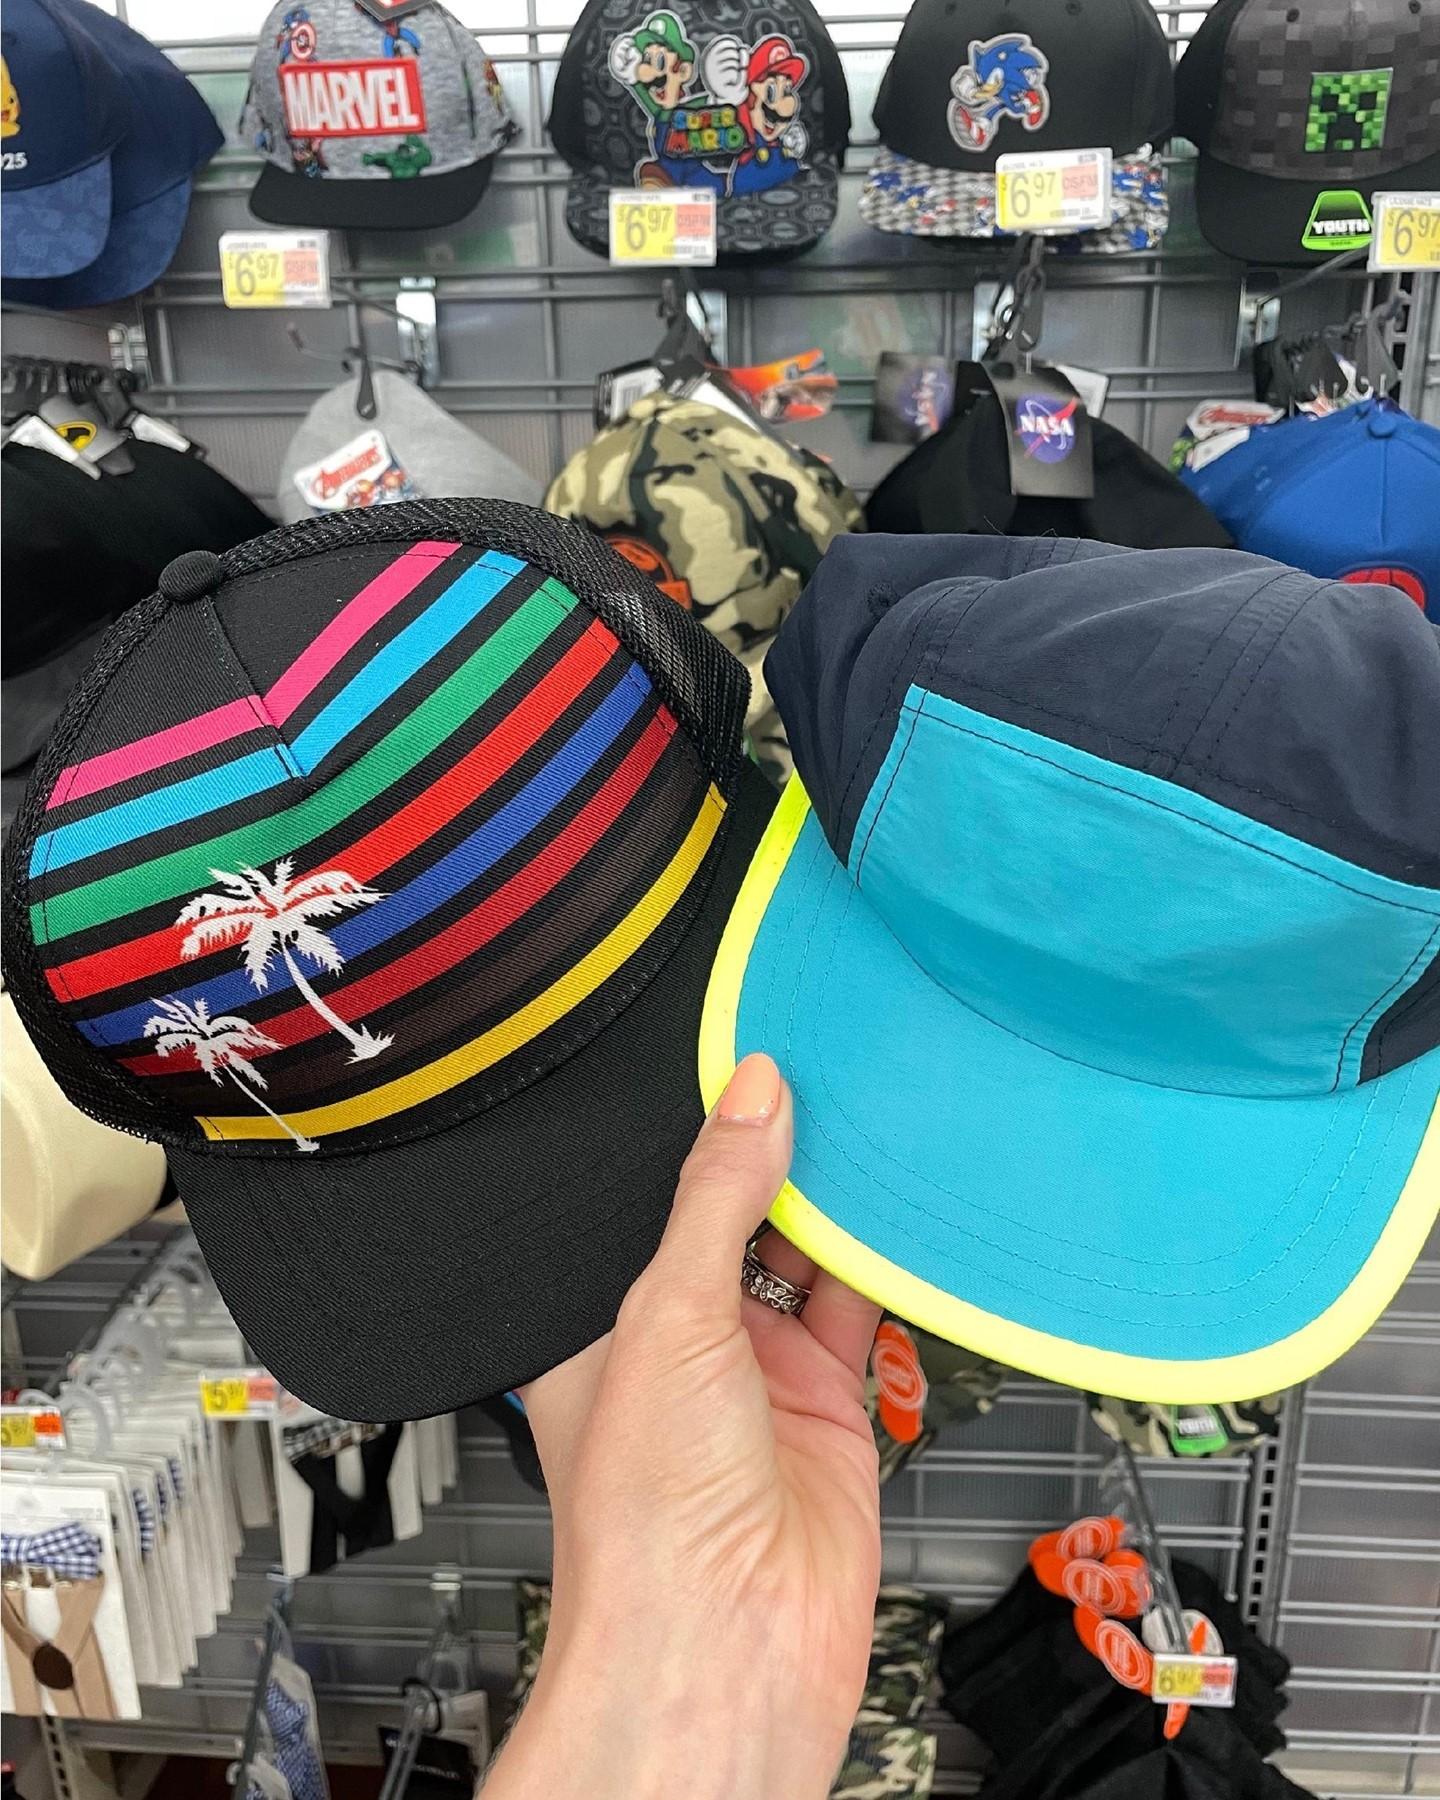 Cool Wonder Nation Hats